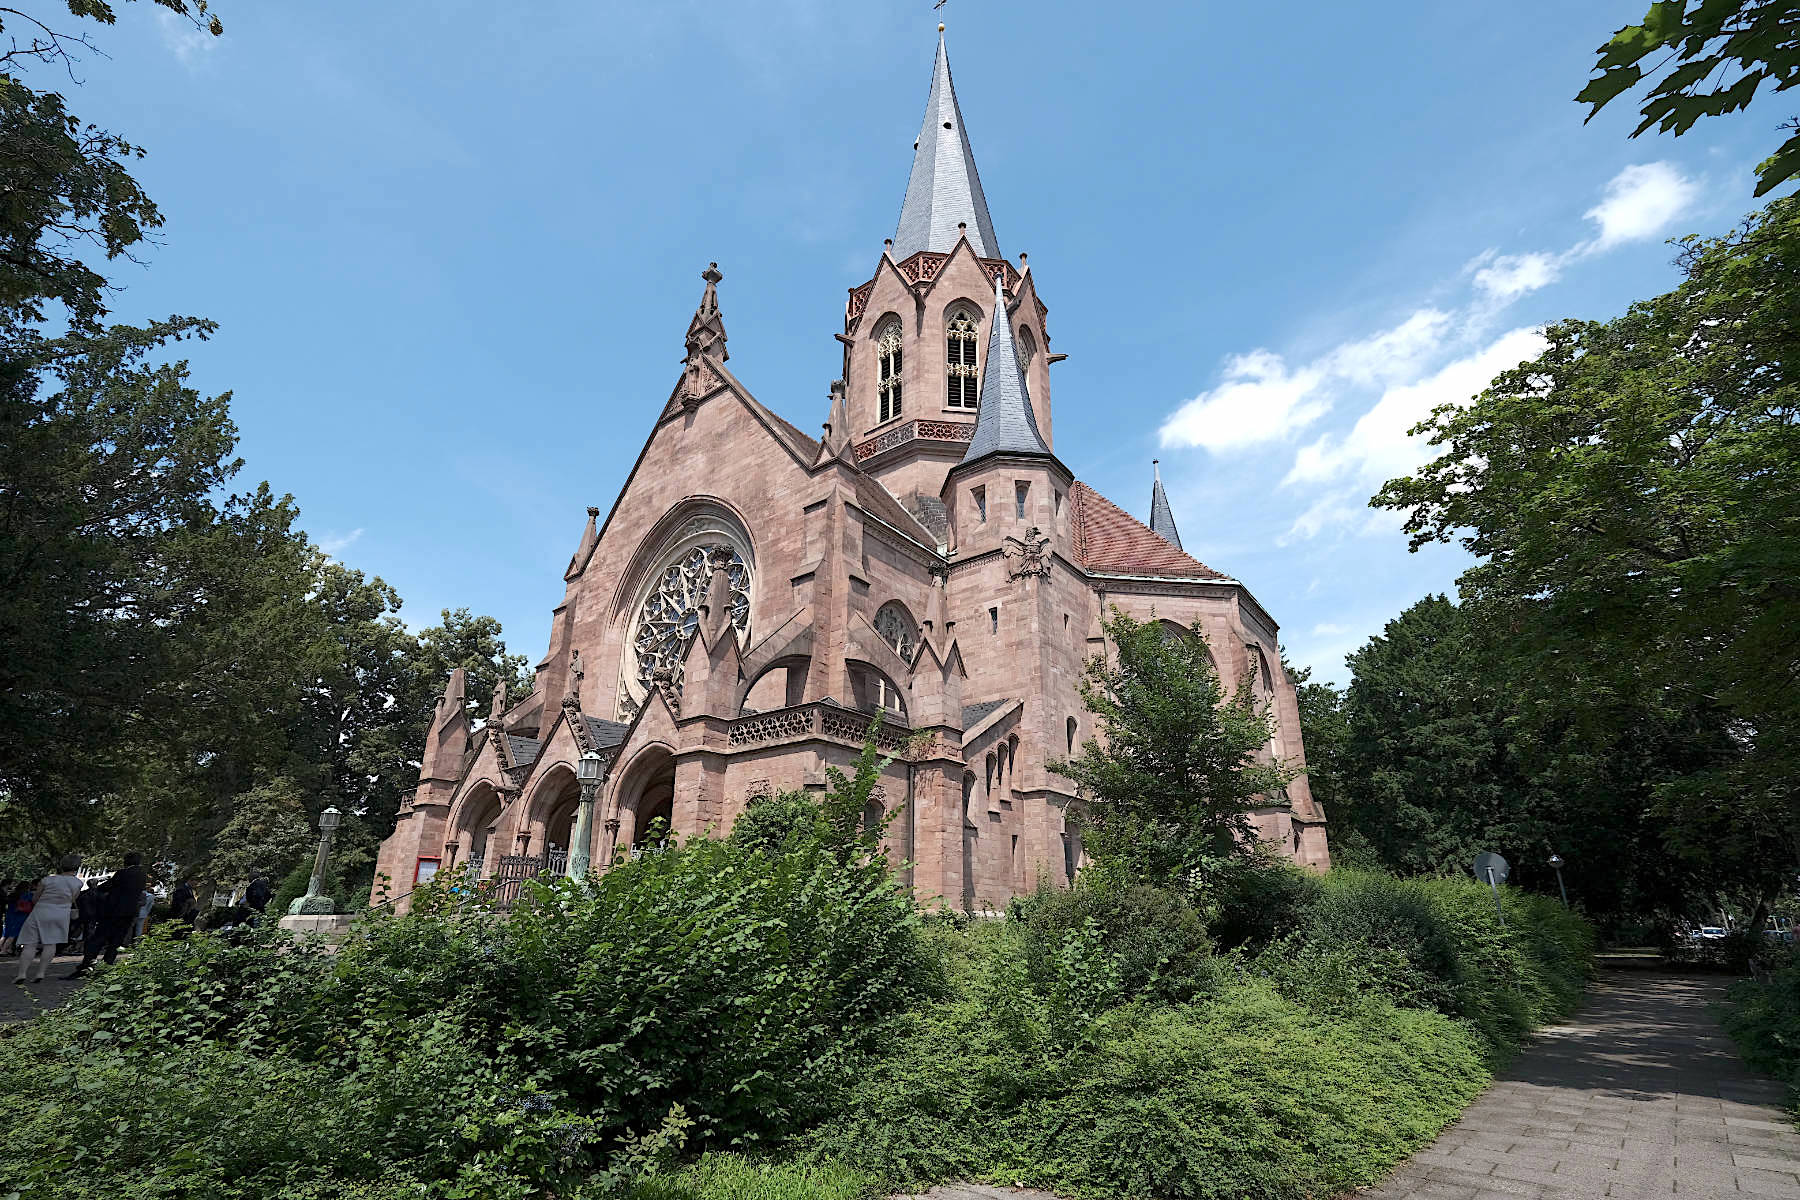 Christuskirche. Der Sakralbau von Curjel und Moser entstand 1900. Hier verbanden sie florale Motive mit geometrischen Formen und neogotischen Bauelementen.